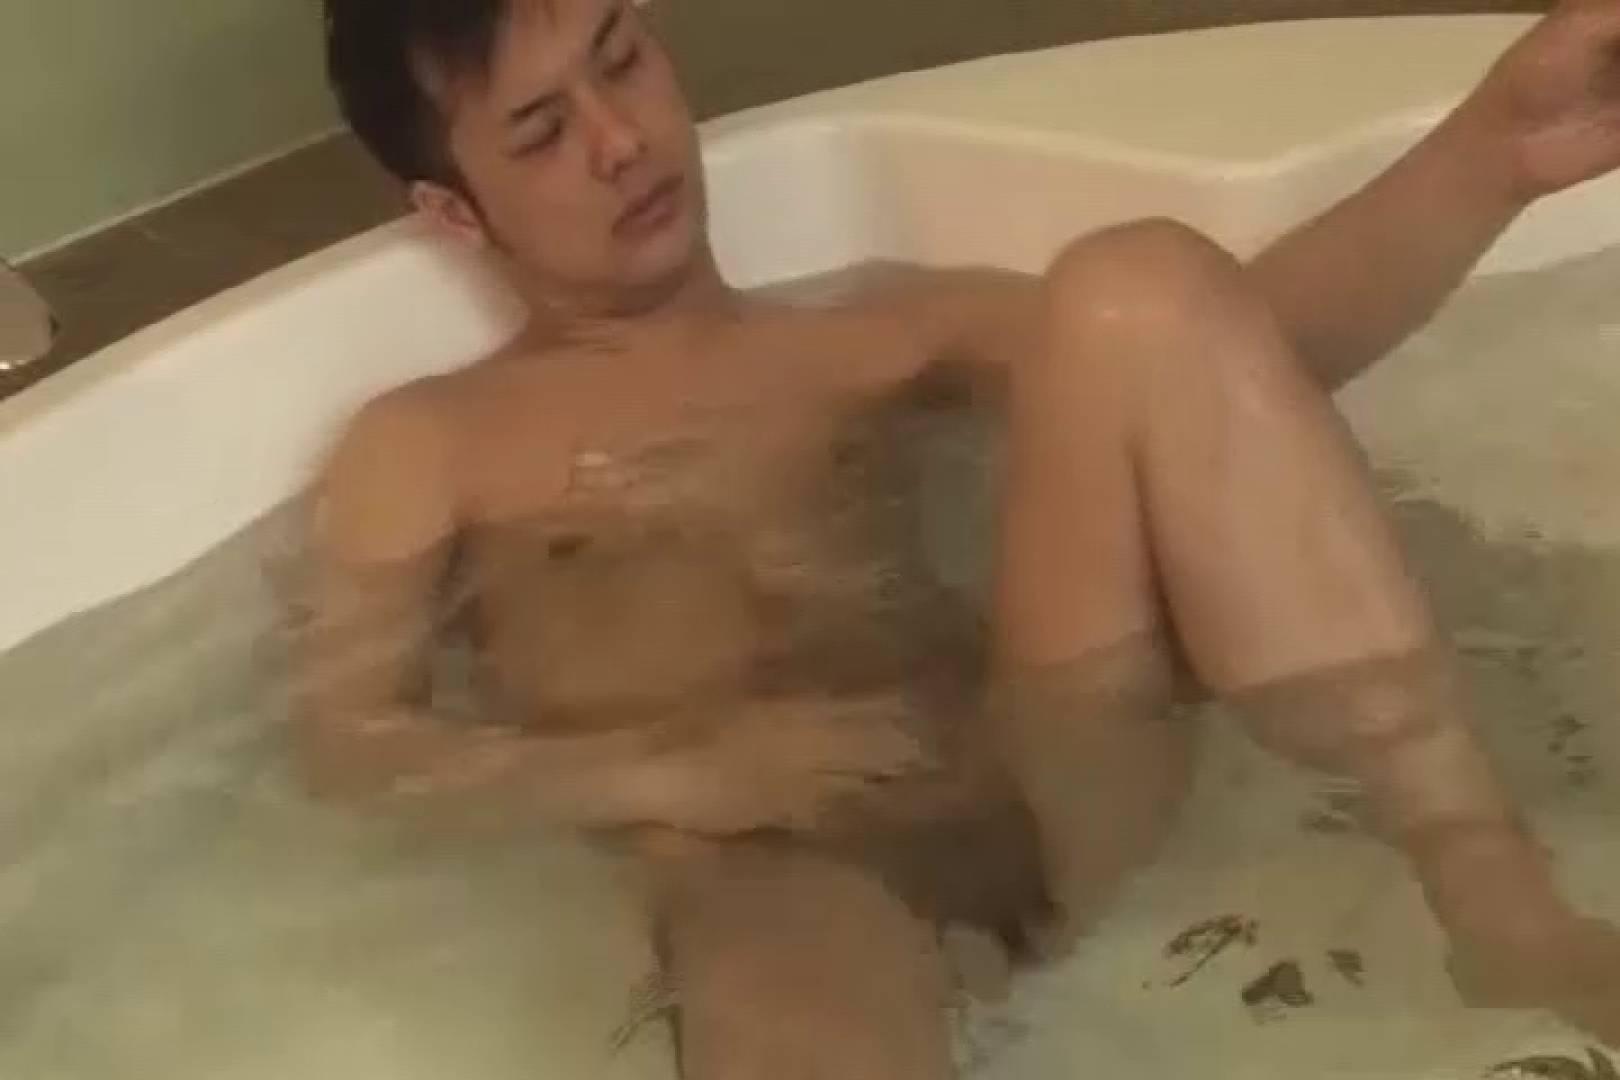 暴れん棒!!雄穴を狙え!! vol.02 ローターまつり ゲイ無修正画像 71pic 34